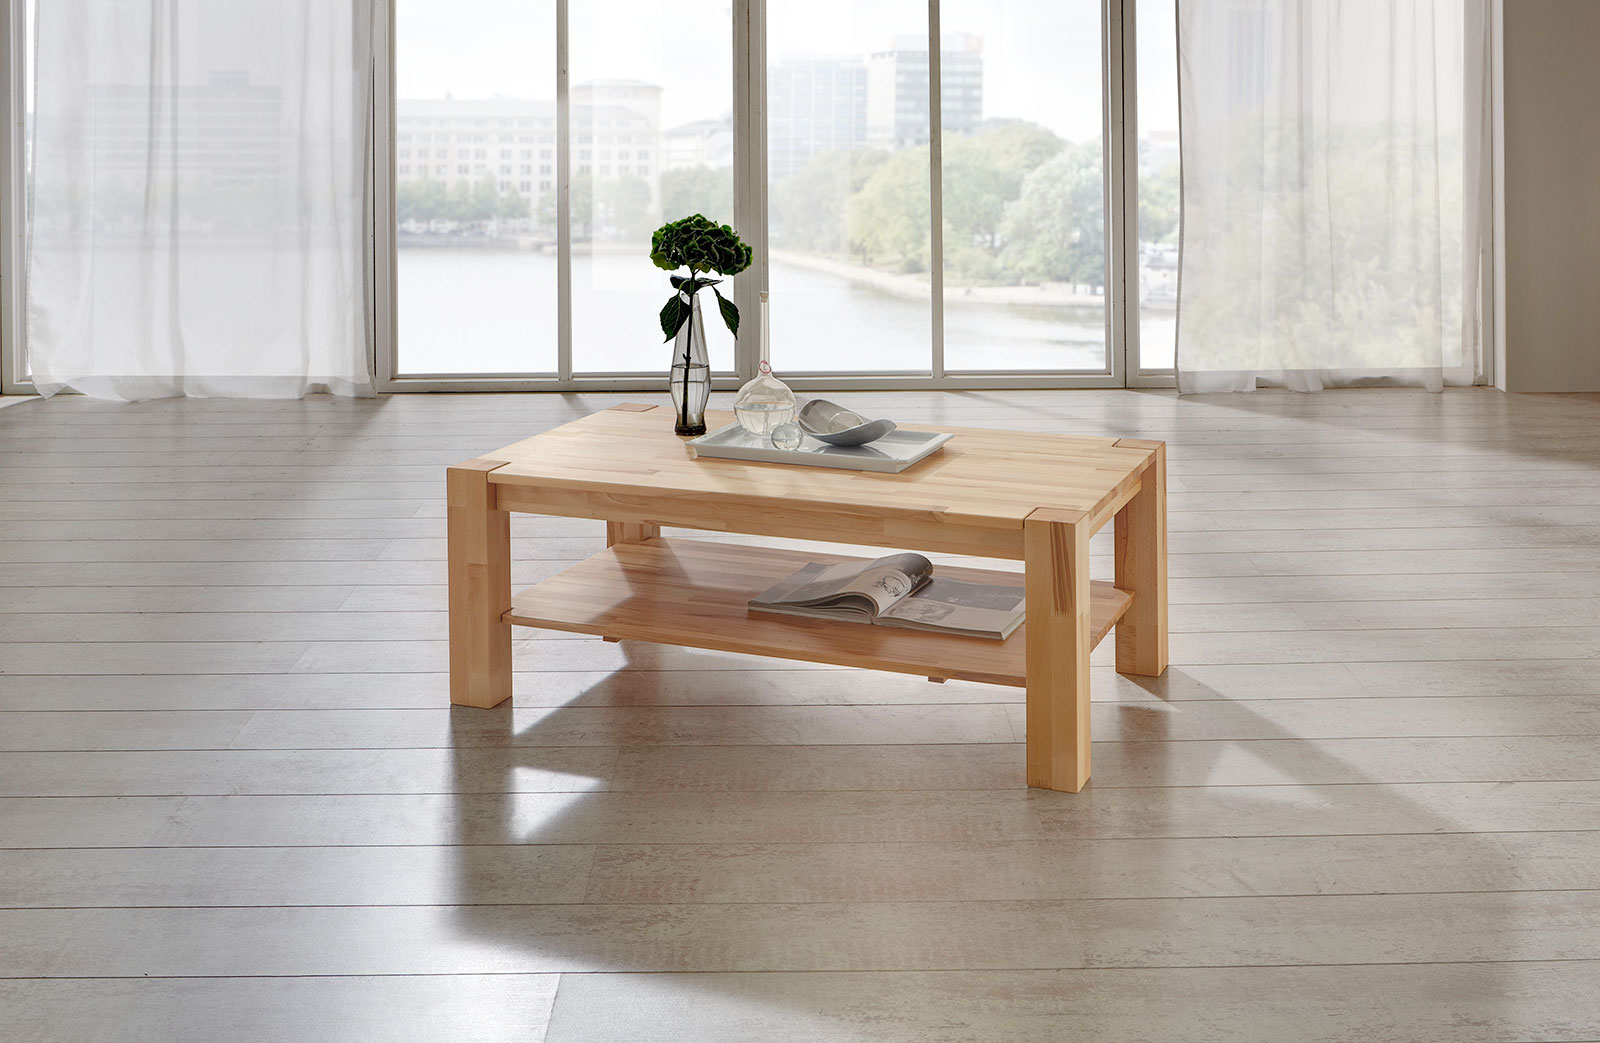 couchtisch ct200b dico m bel einer der f hrenden. Black Bedroom Furniture Sets. Home Design Ideas